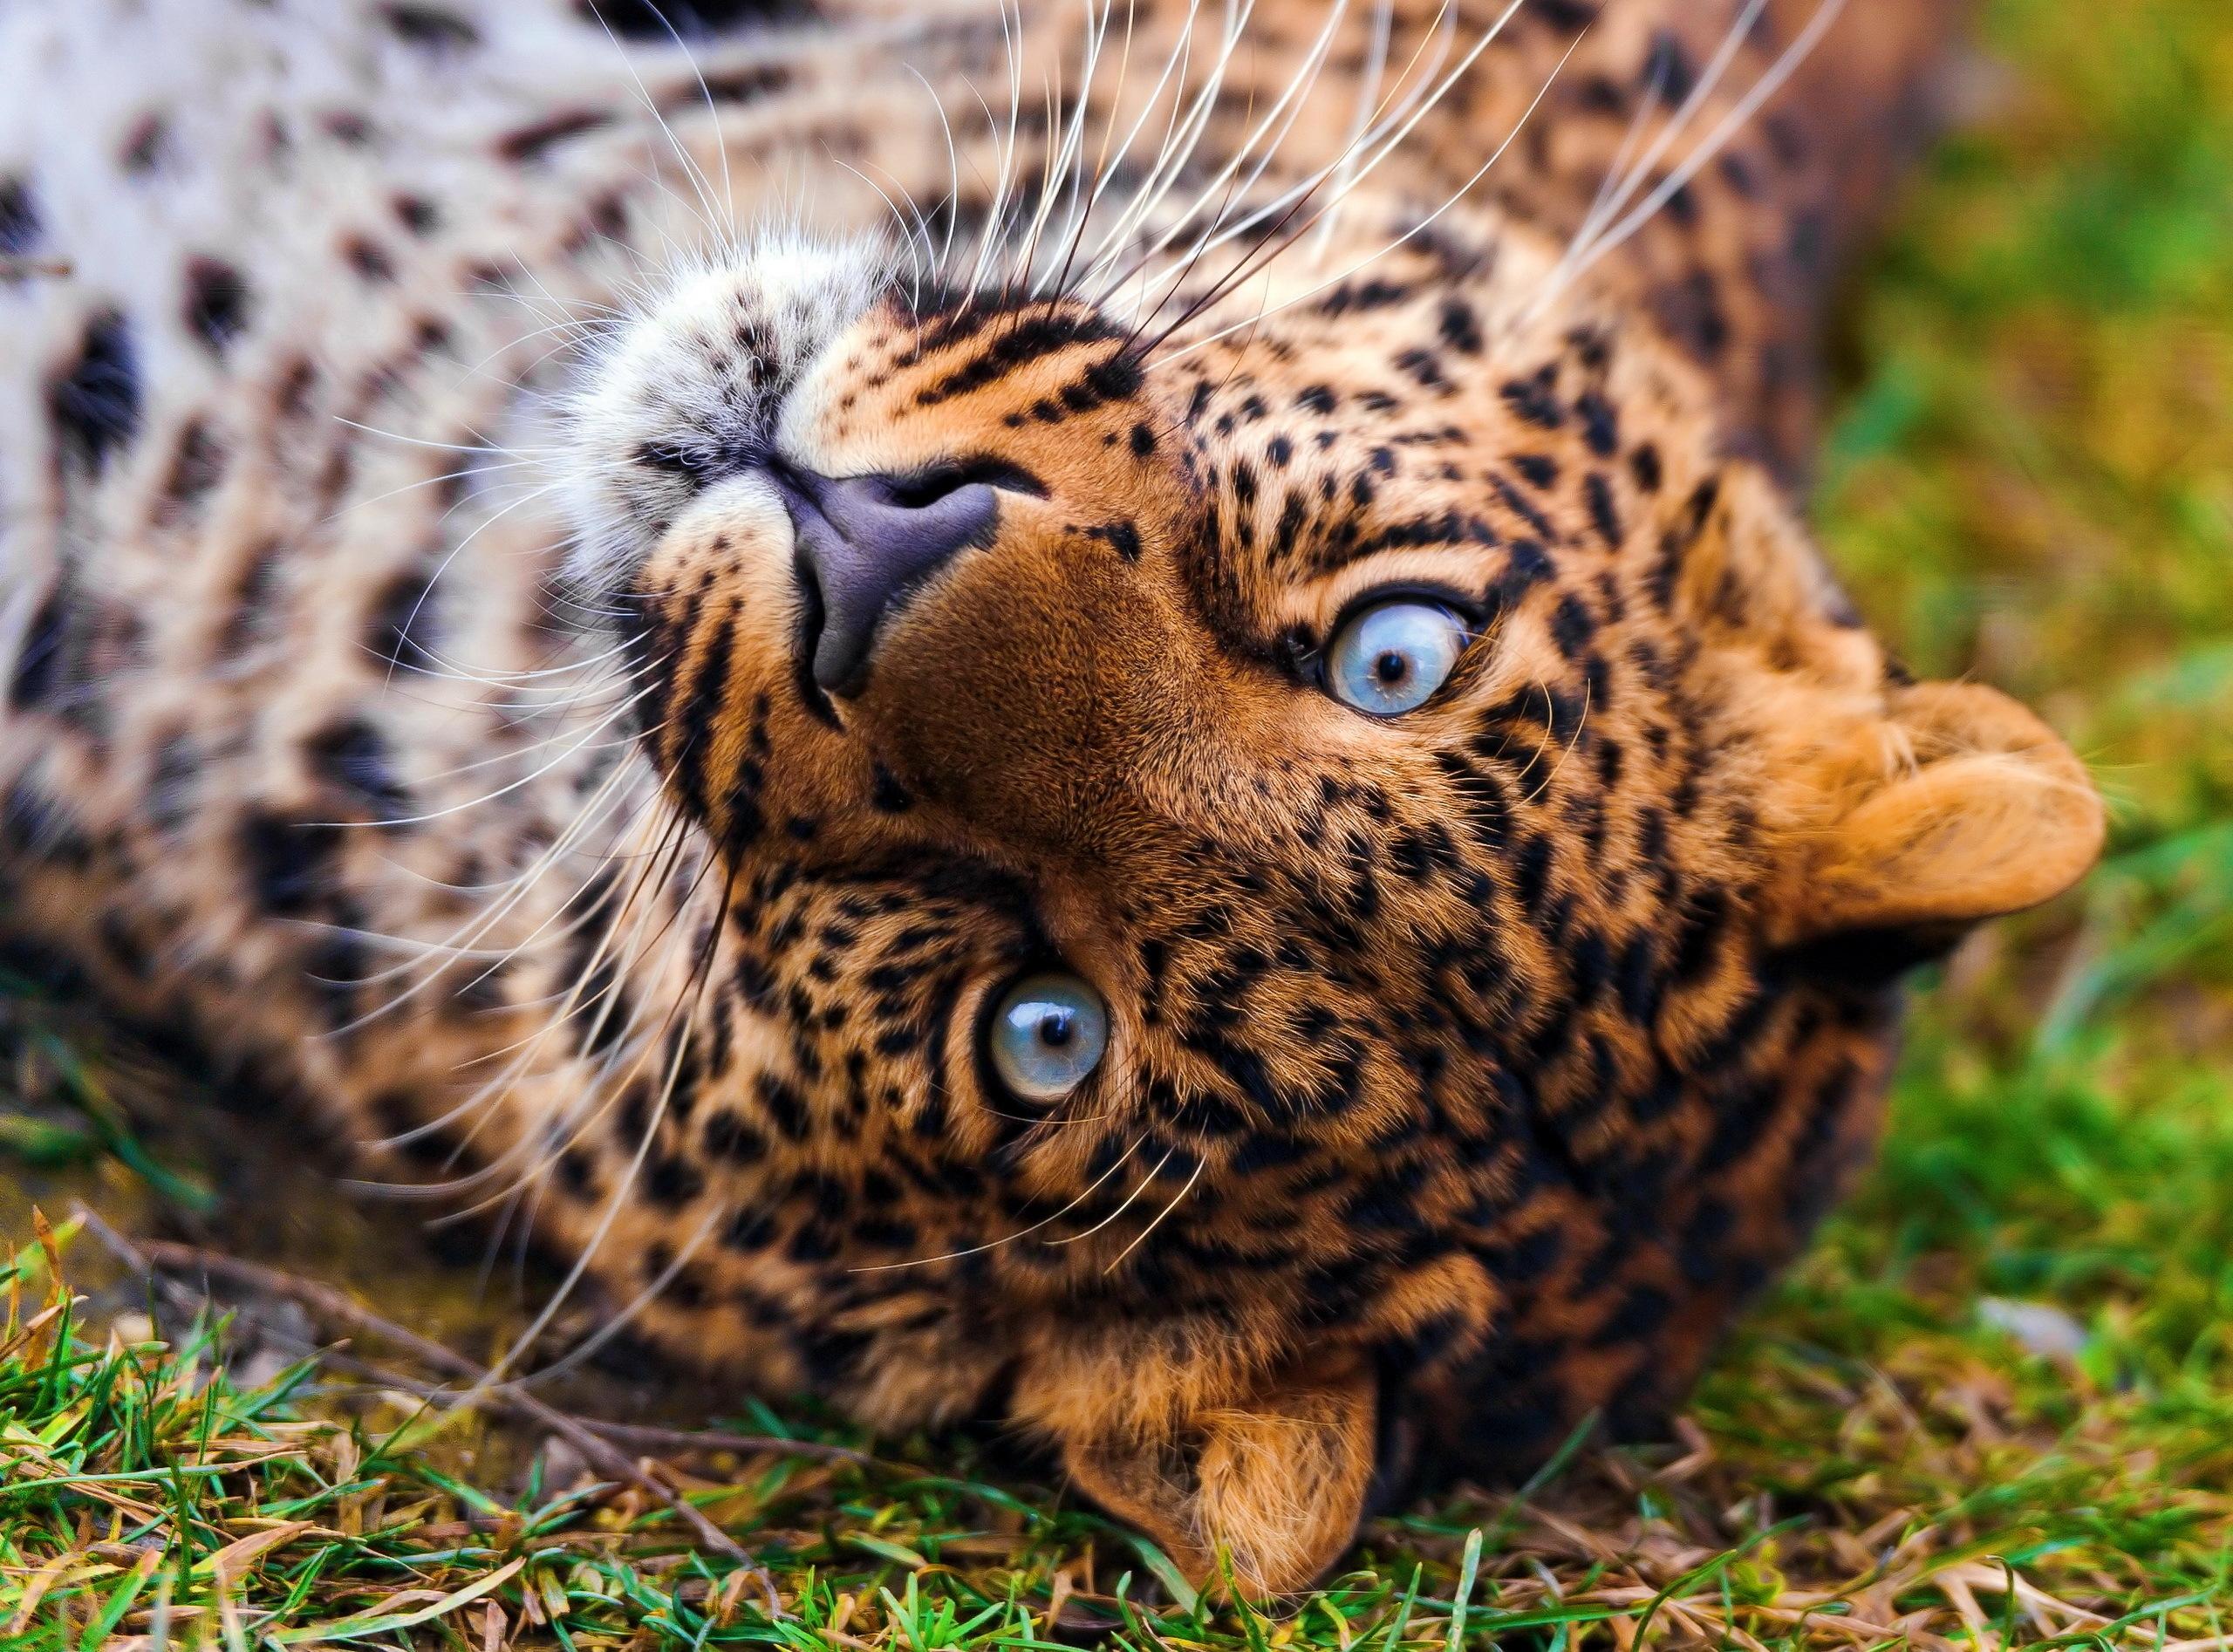 119971 обои 1080x2340 на телефон бесплатно, скачать картинки Животные, Хищник, Трава, Леопард, Лежать, Морда, Взгляд 1080x2340 на мобильный